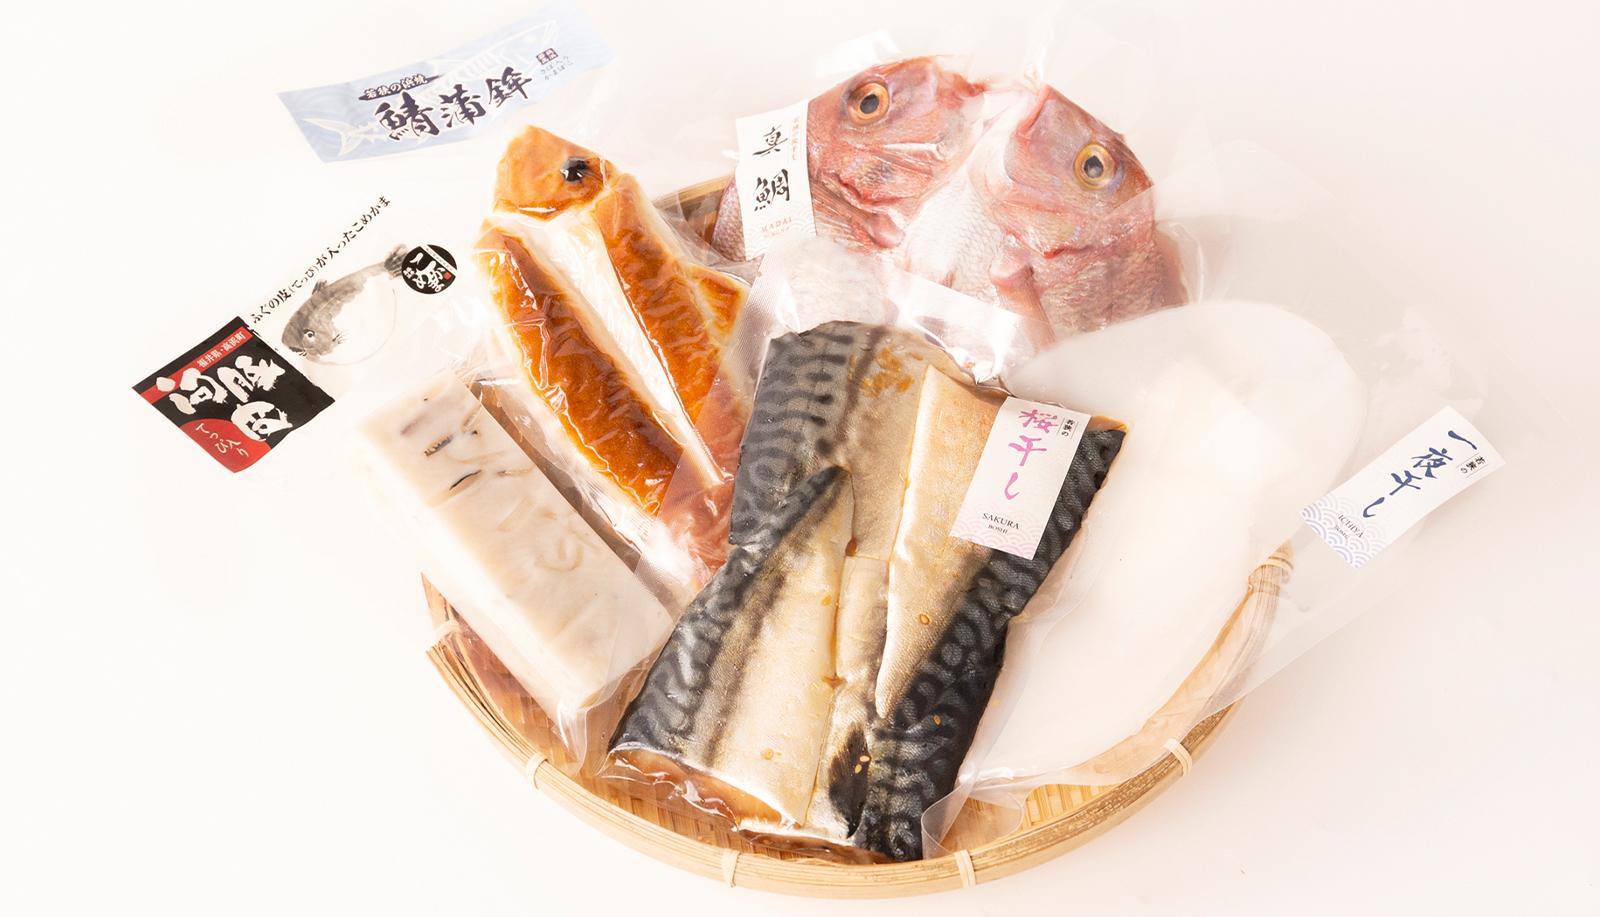 福井の味覚を詰め込んだ米かまと鯖蒲鉾& 旬の厳選干物の贅沢セット